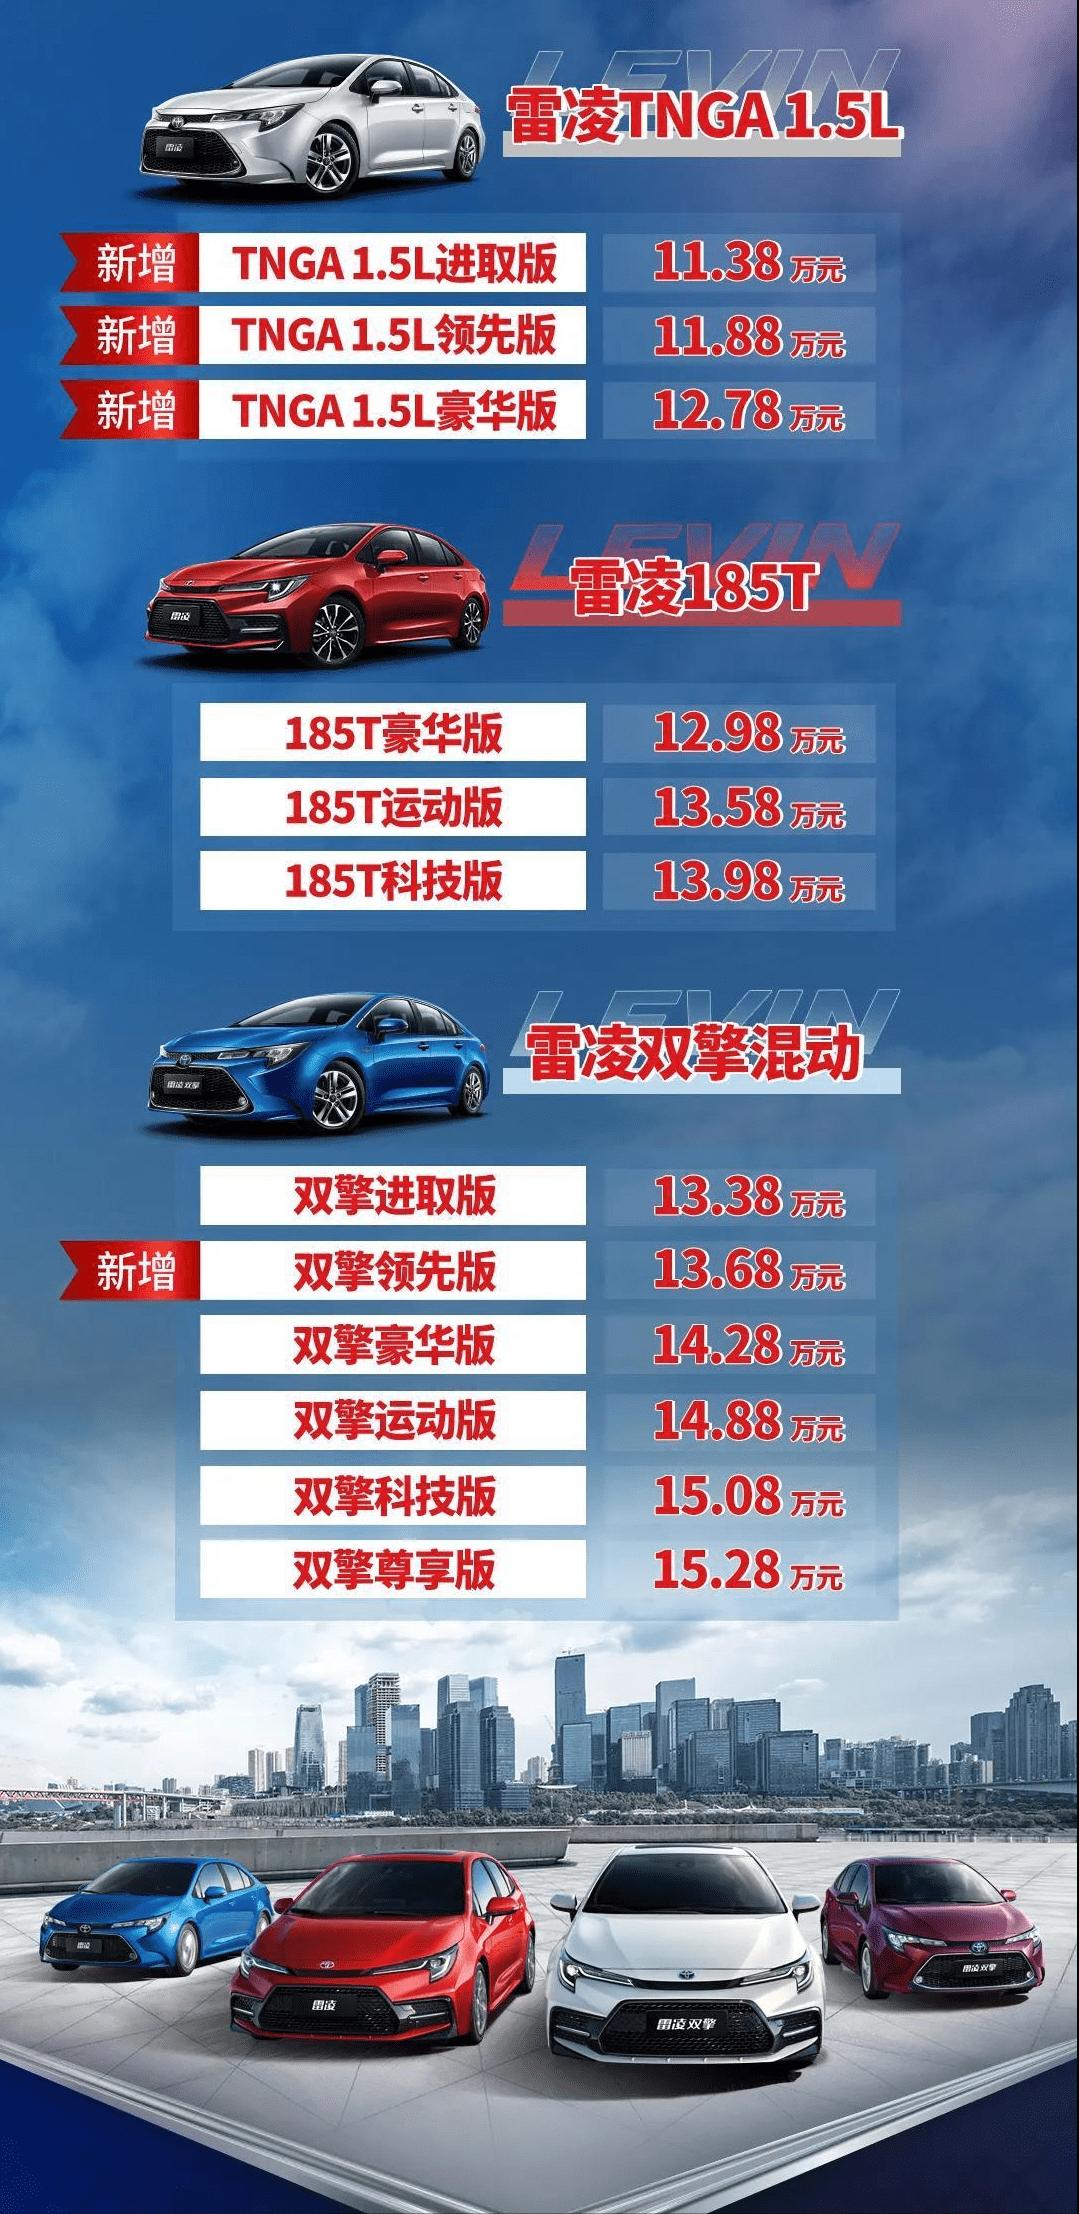 最初的三缸雷凌上市了,从11.38万开始。相信丰田的人准备好买了吗?